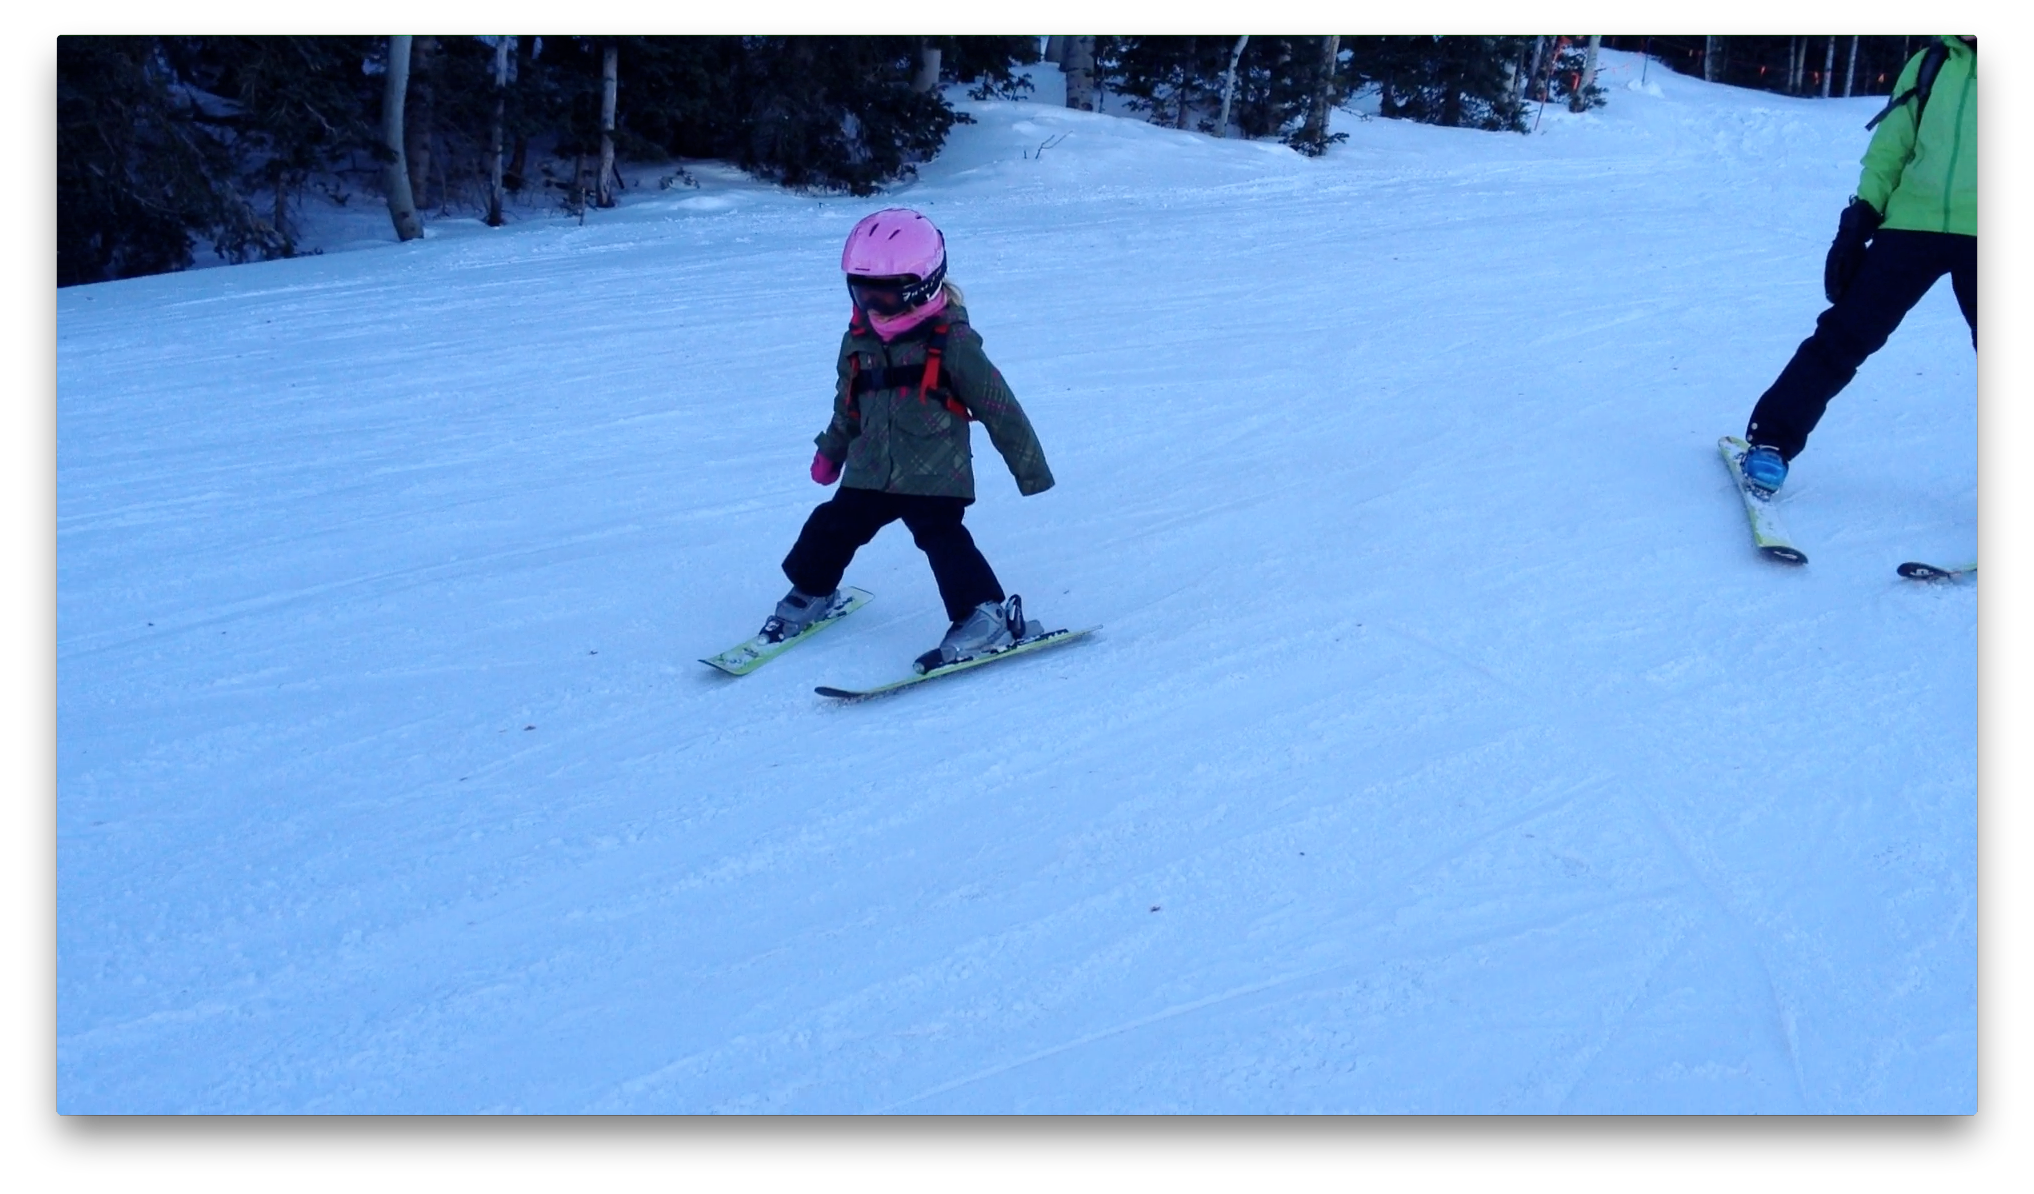 Tegan skis by herself